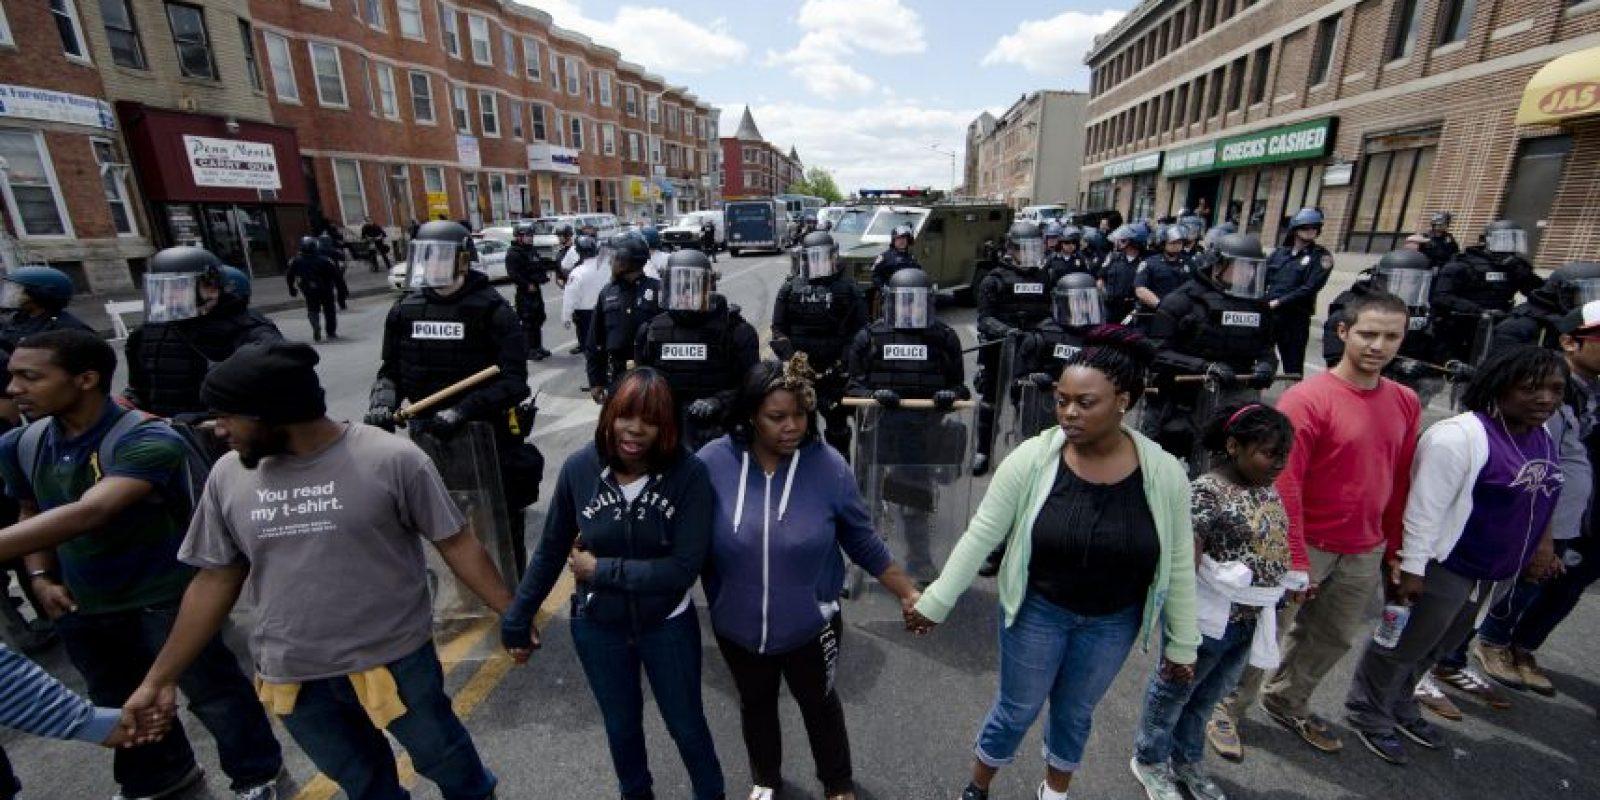 Los seis policías implicados en el caso fueron acusados de cargos penales que van desde el asesinato al asalto. Foto:AP. Imagen Por: